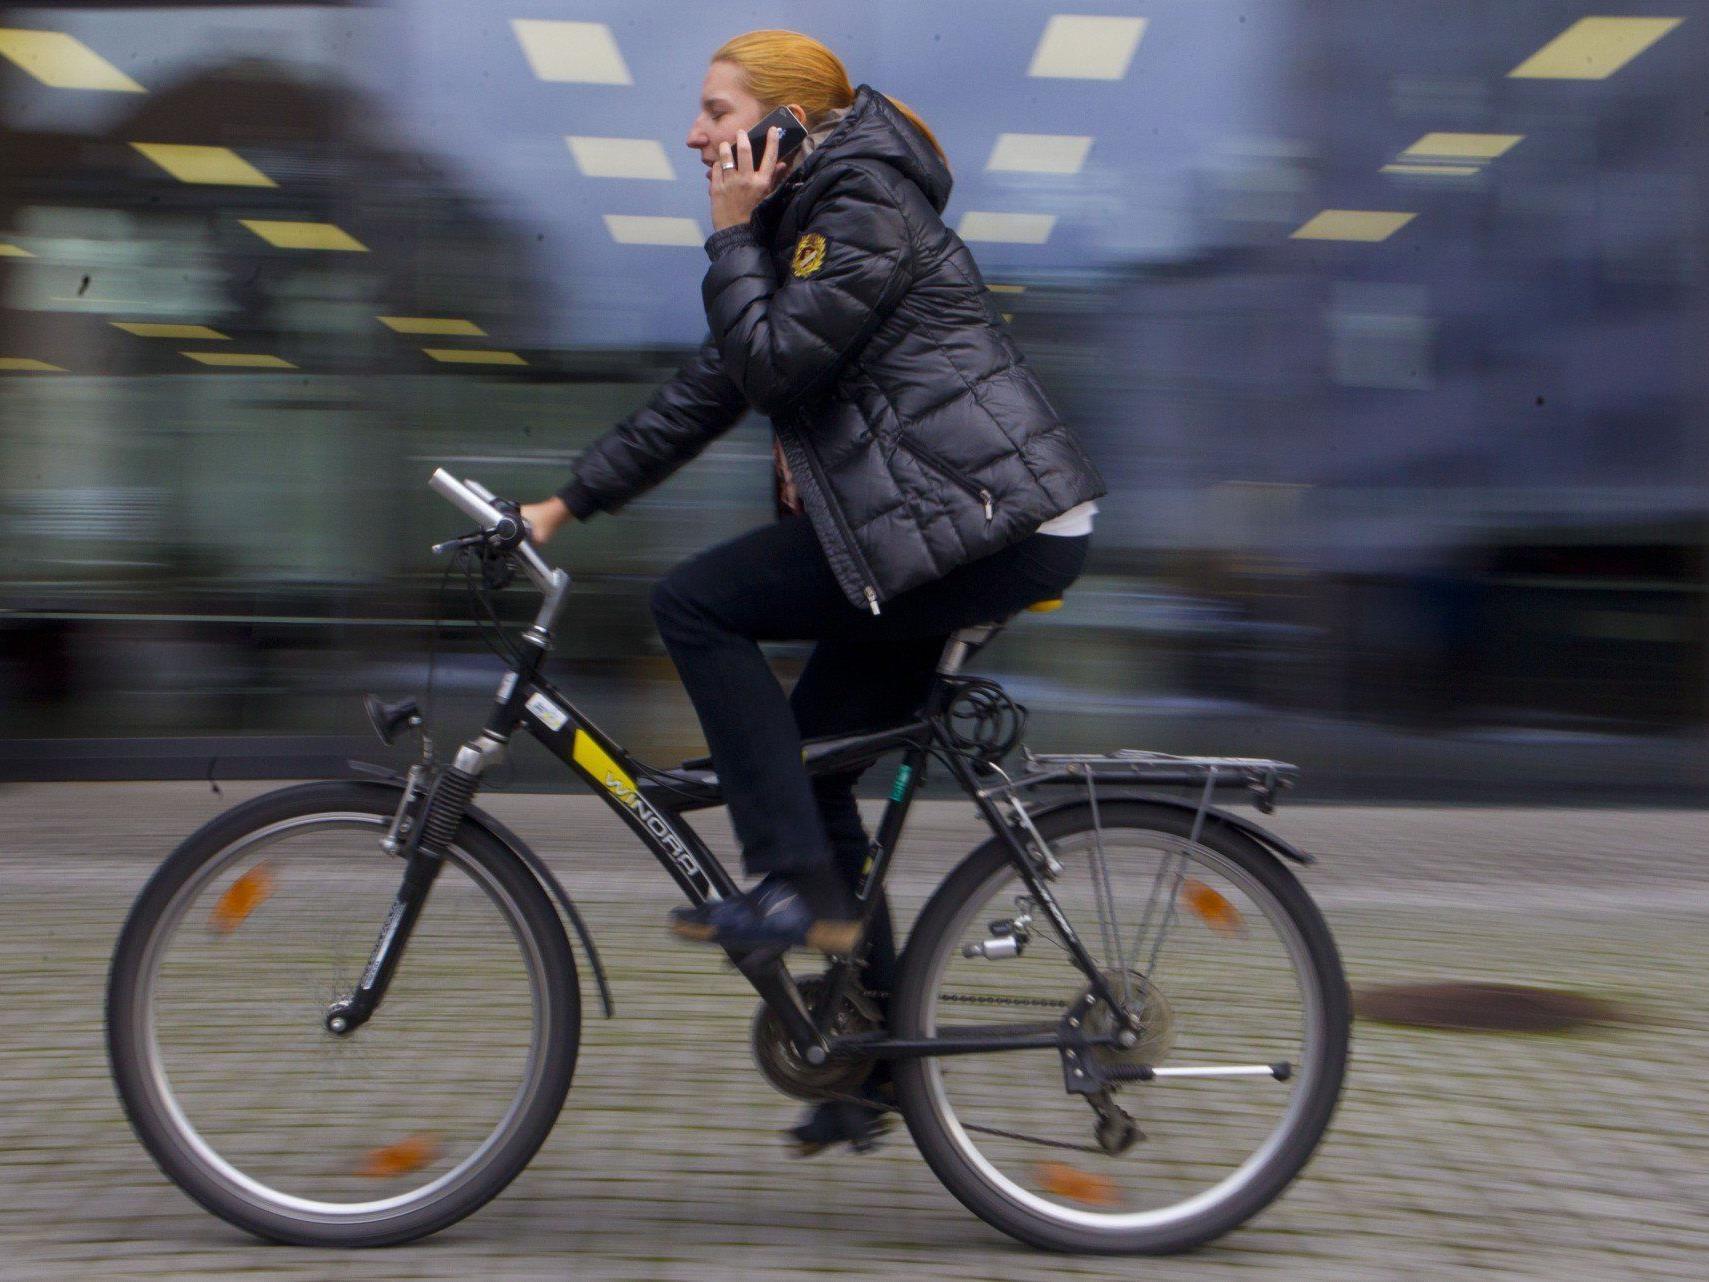 Neue Regeln für Radfahrer: Telefonieren mit Handy ab 31. März verboten.